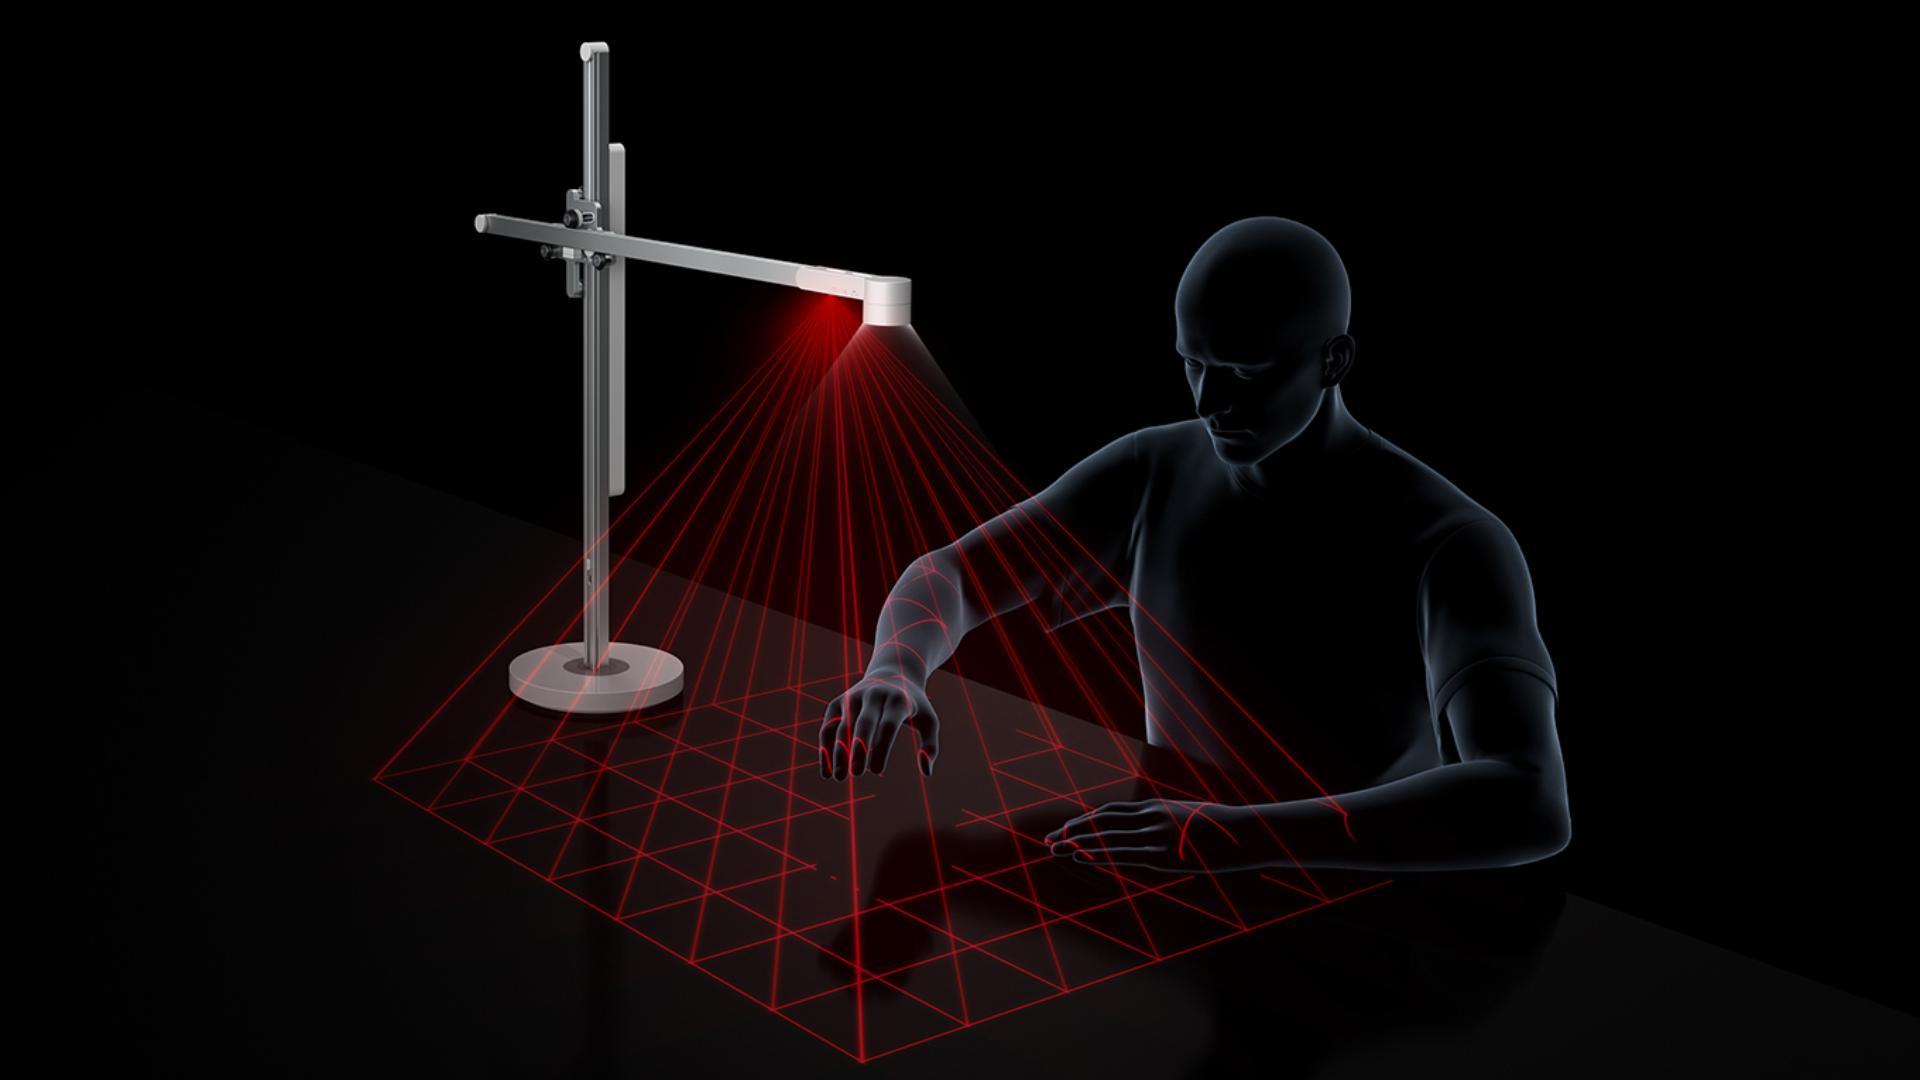 Gráfico de alta tecnología de sensor infrarrojo